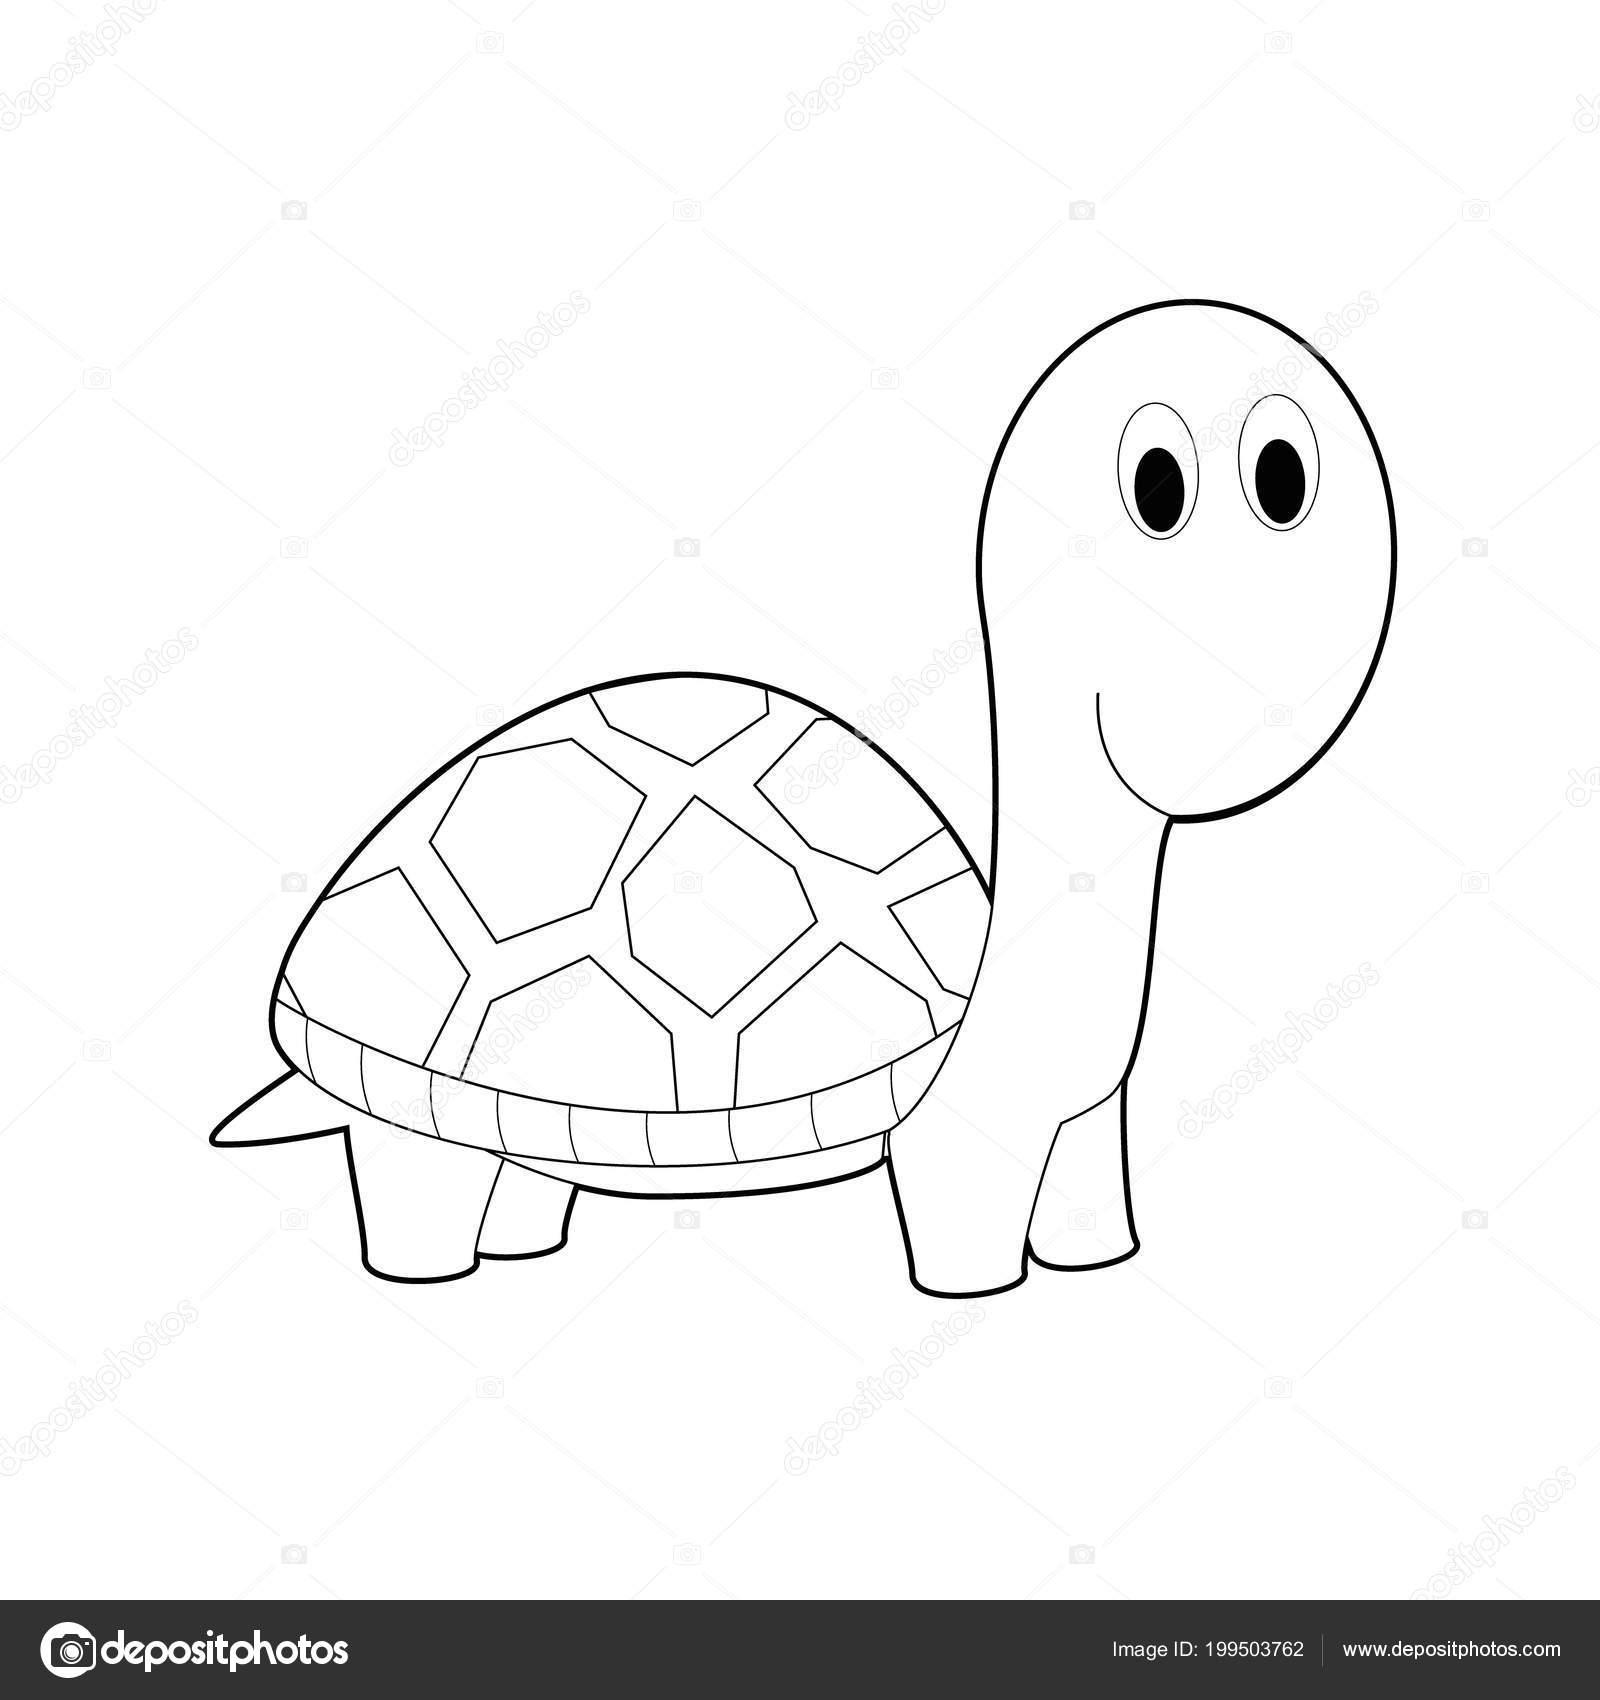 Kleurplaat Eenvoudig Tekeningen Van Dieren Voor Kleine Kinderen